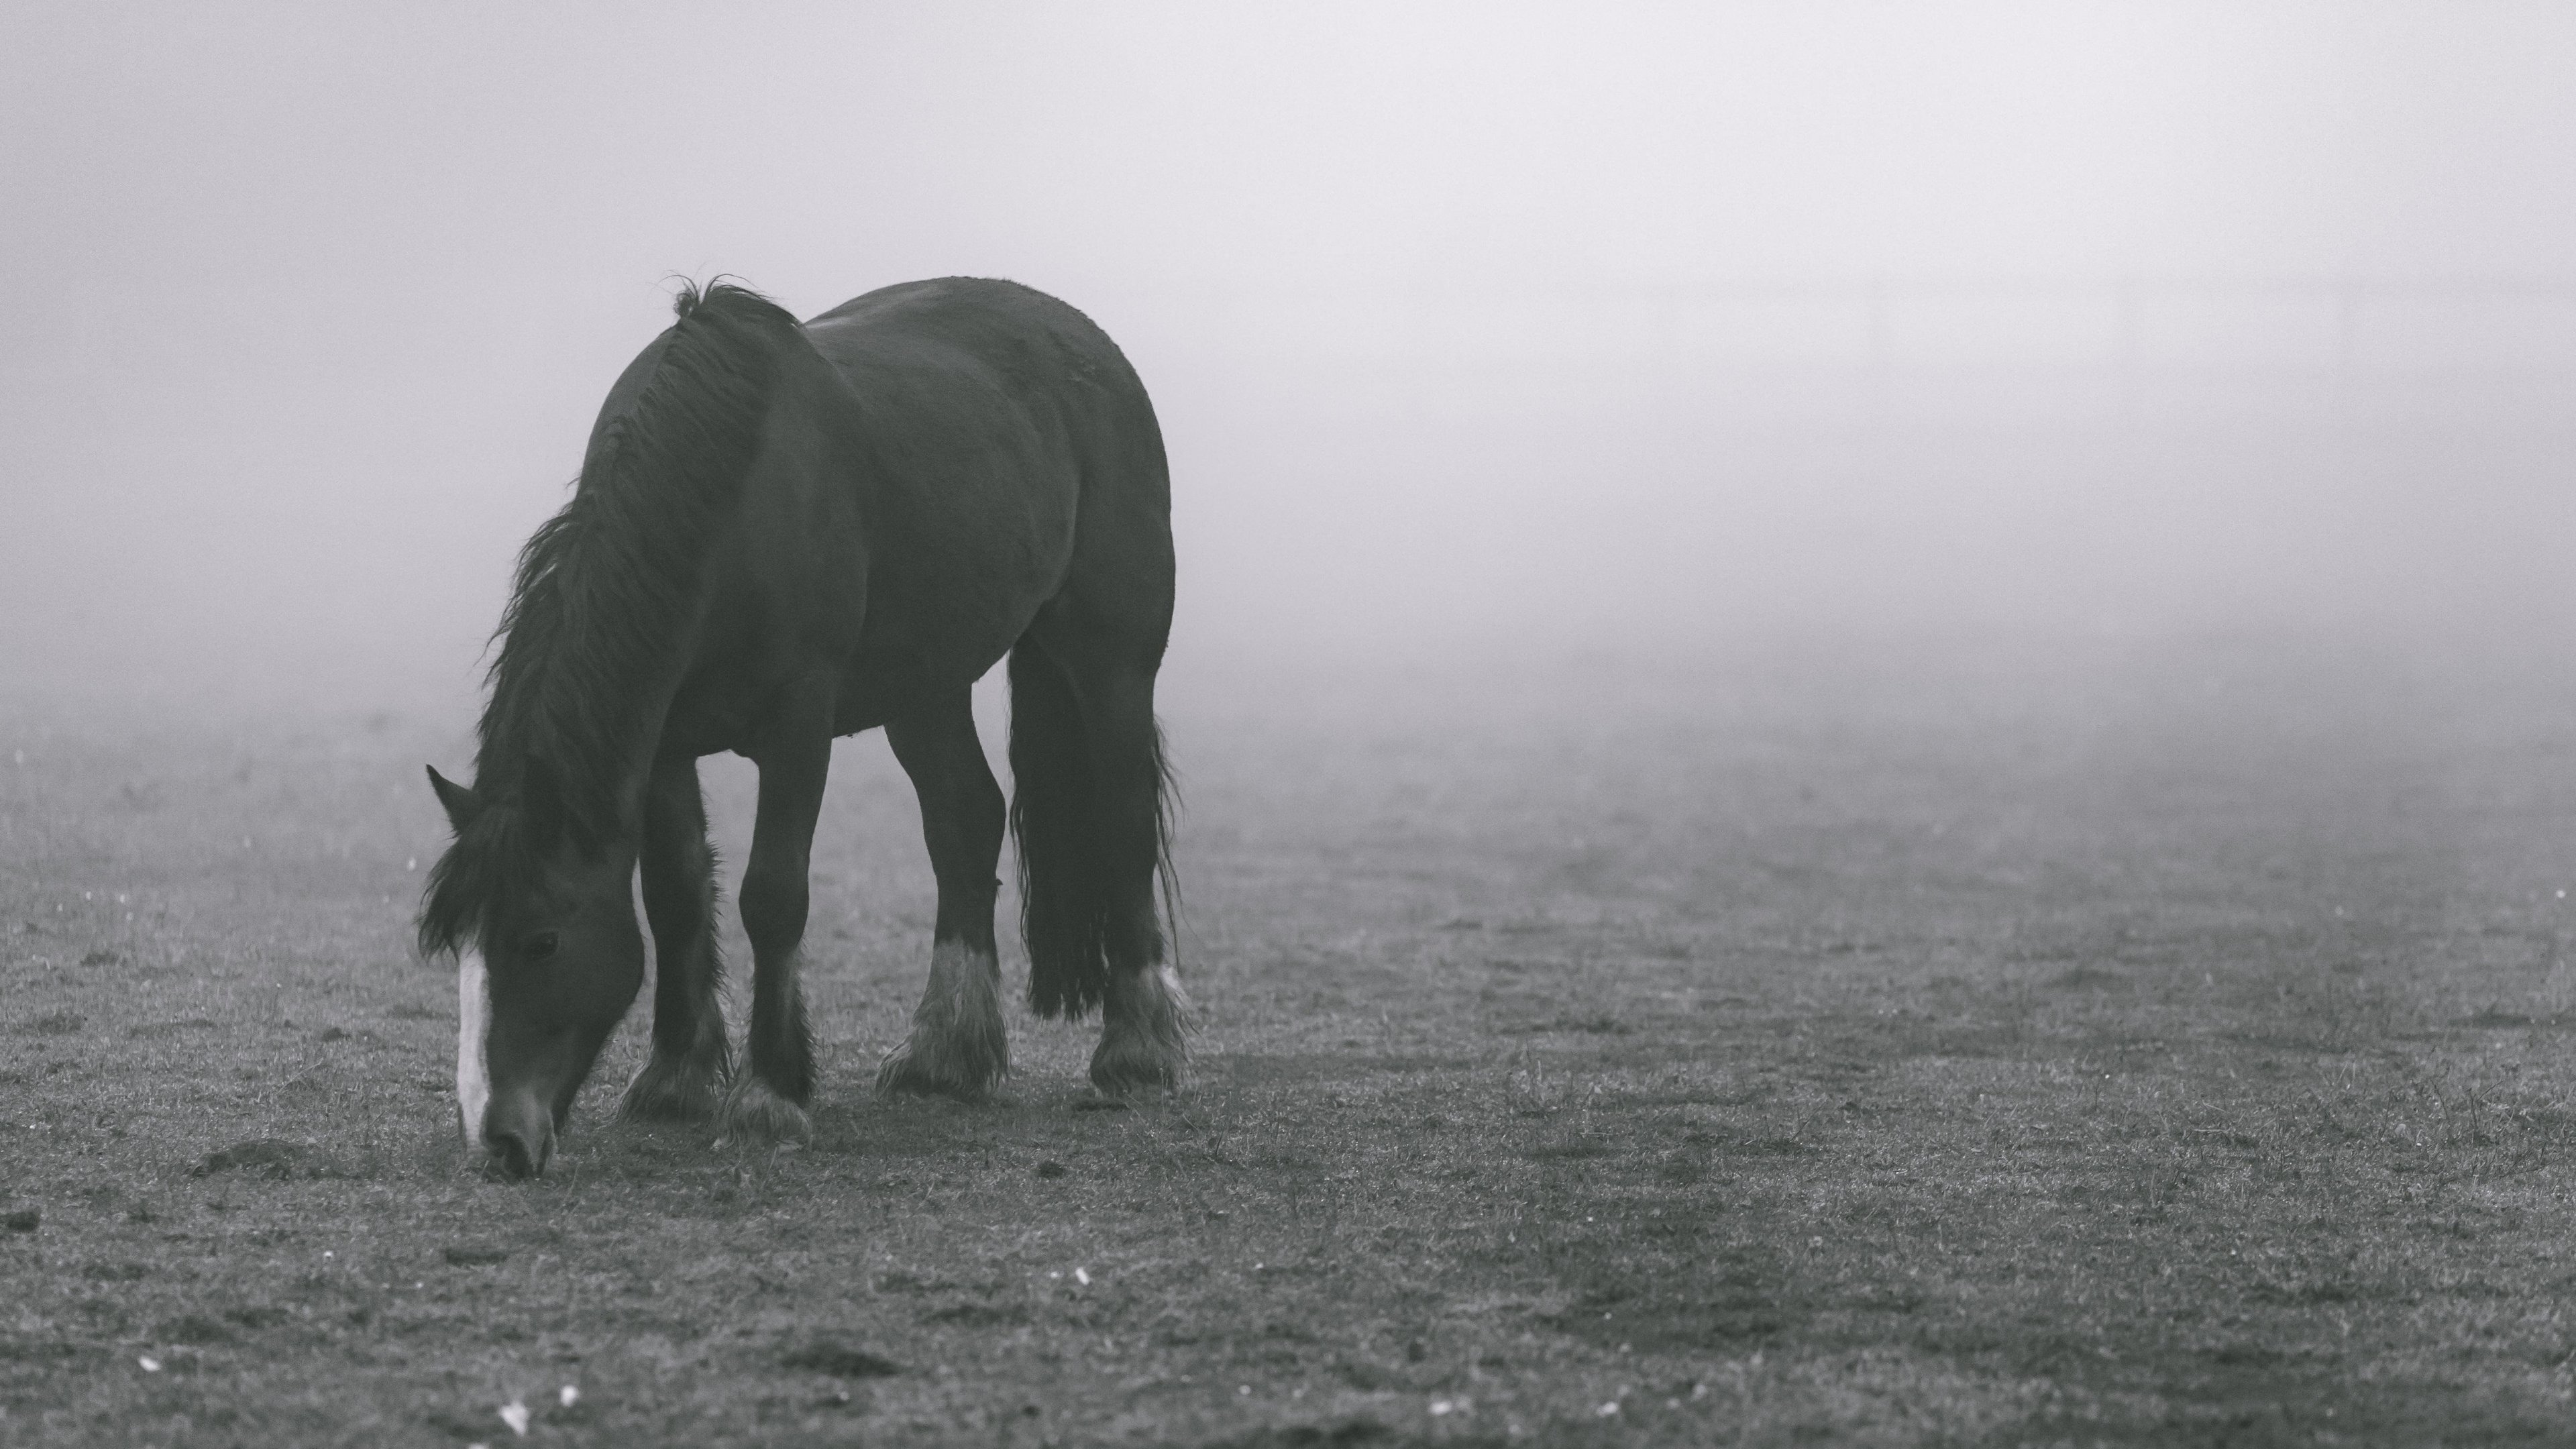 Horse In Fog Wallpaper